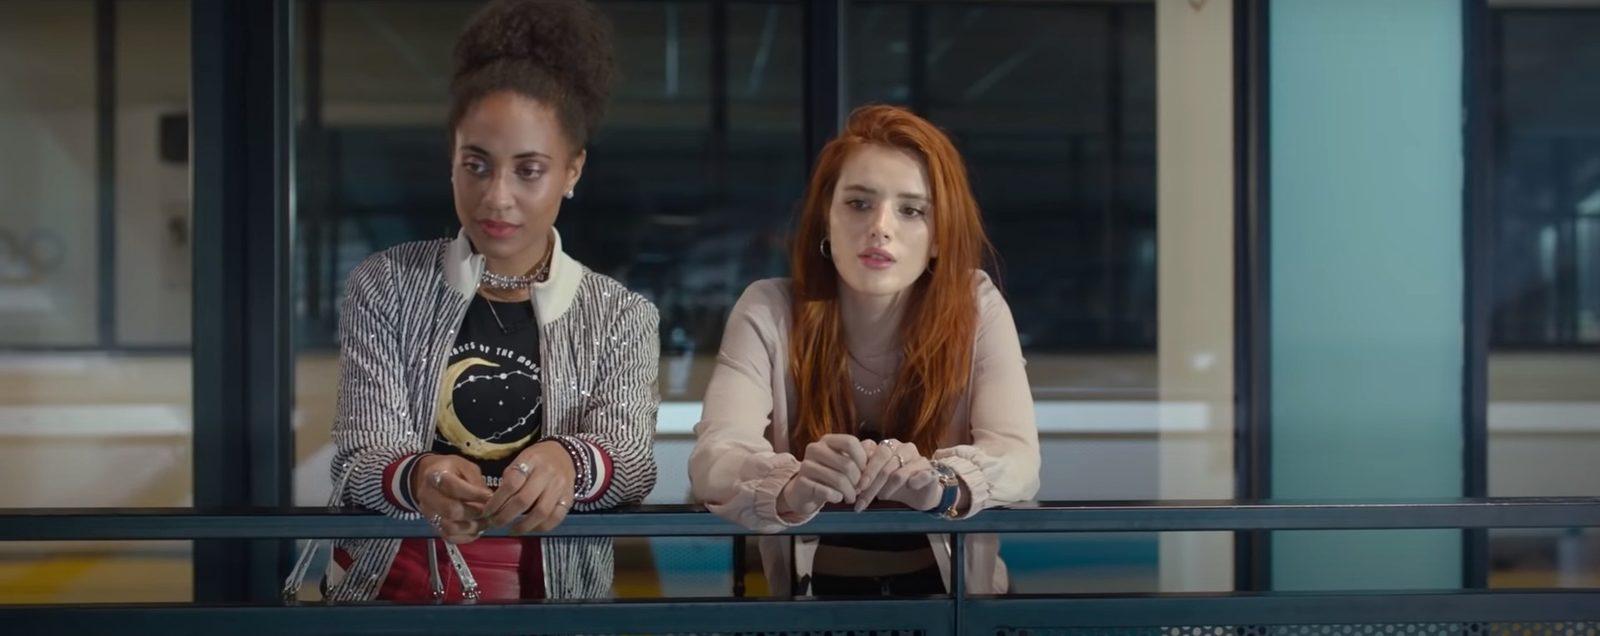 Белла Торн выбирает между двумя парнями в трейлере фильма «После пробуждения»